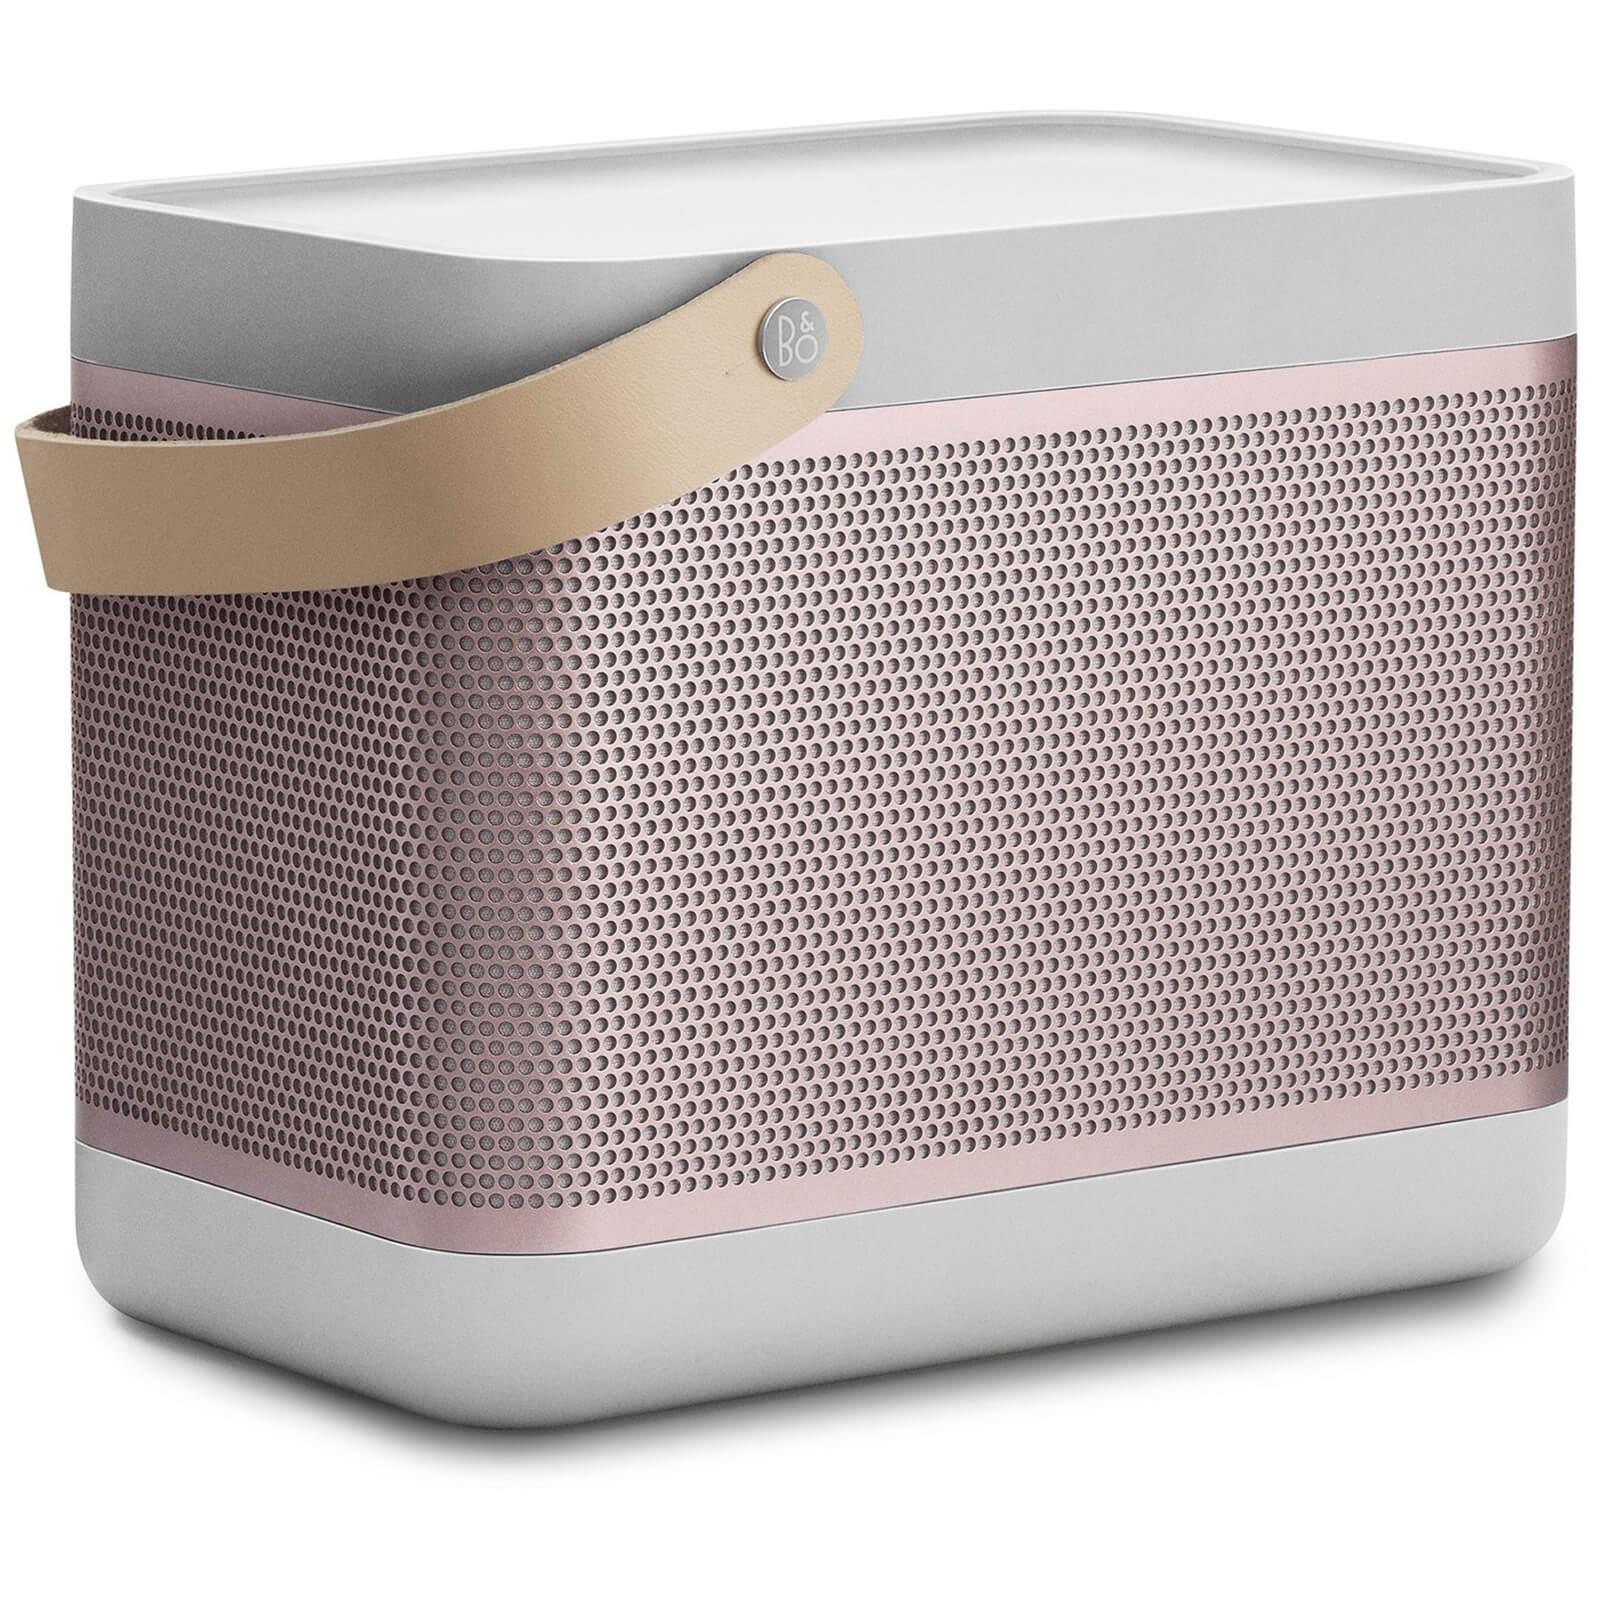 Bang & Olufsen Beolit 15 Bluetooth Lautsprecher (portabler, 24h Akku, 30 Watt) rose